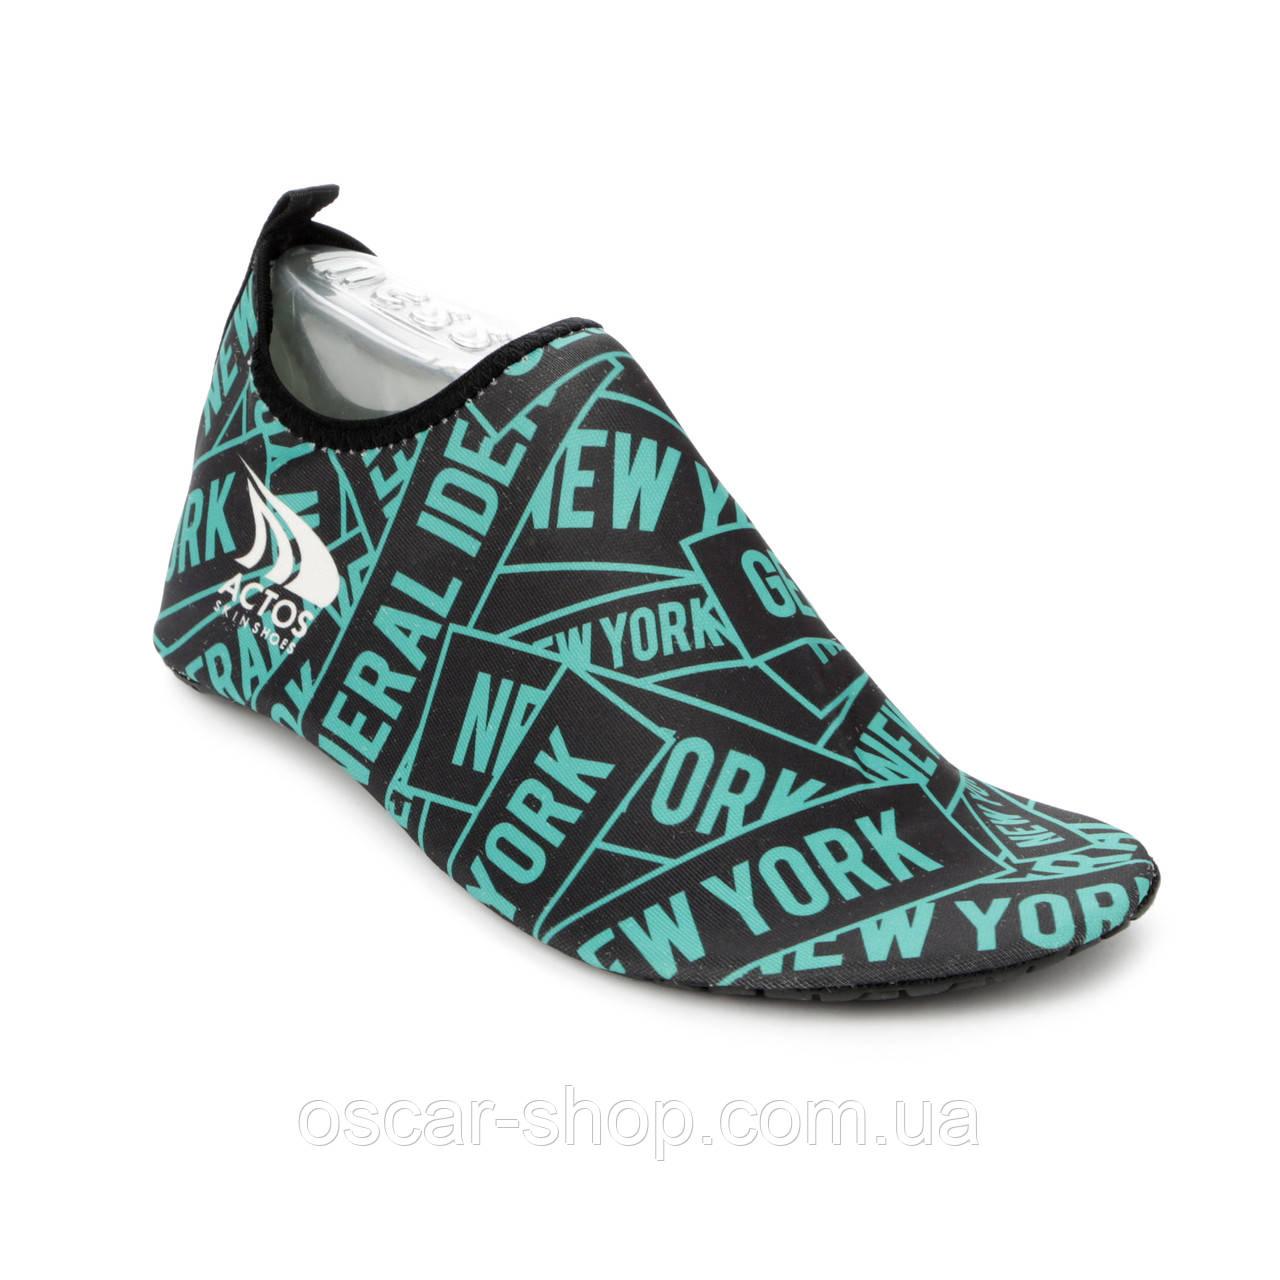 Обувь Actos Skin Shoes (разм. 39) New York Mint / Обувь для плавания / Обувь для спорта / Чешки для йоги / опт